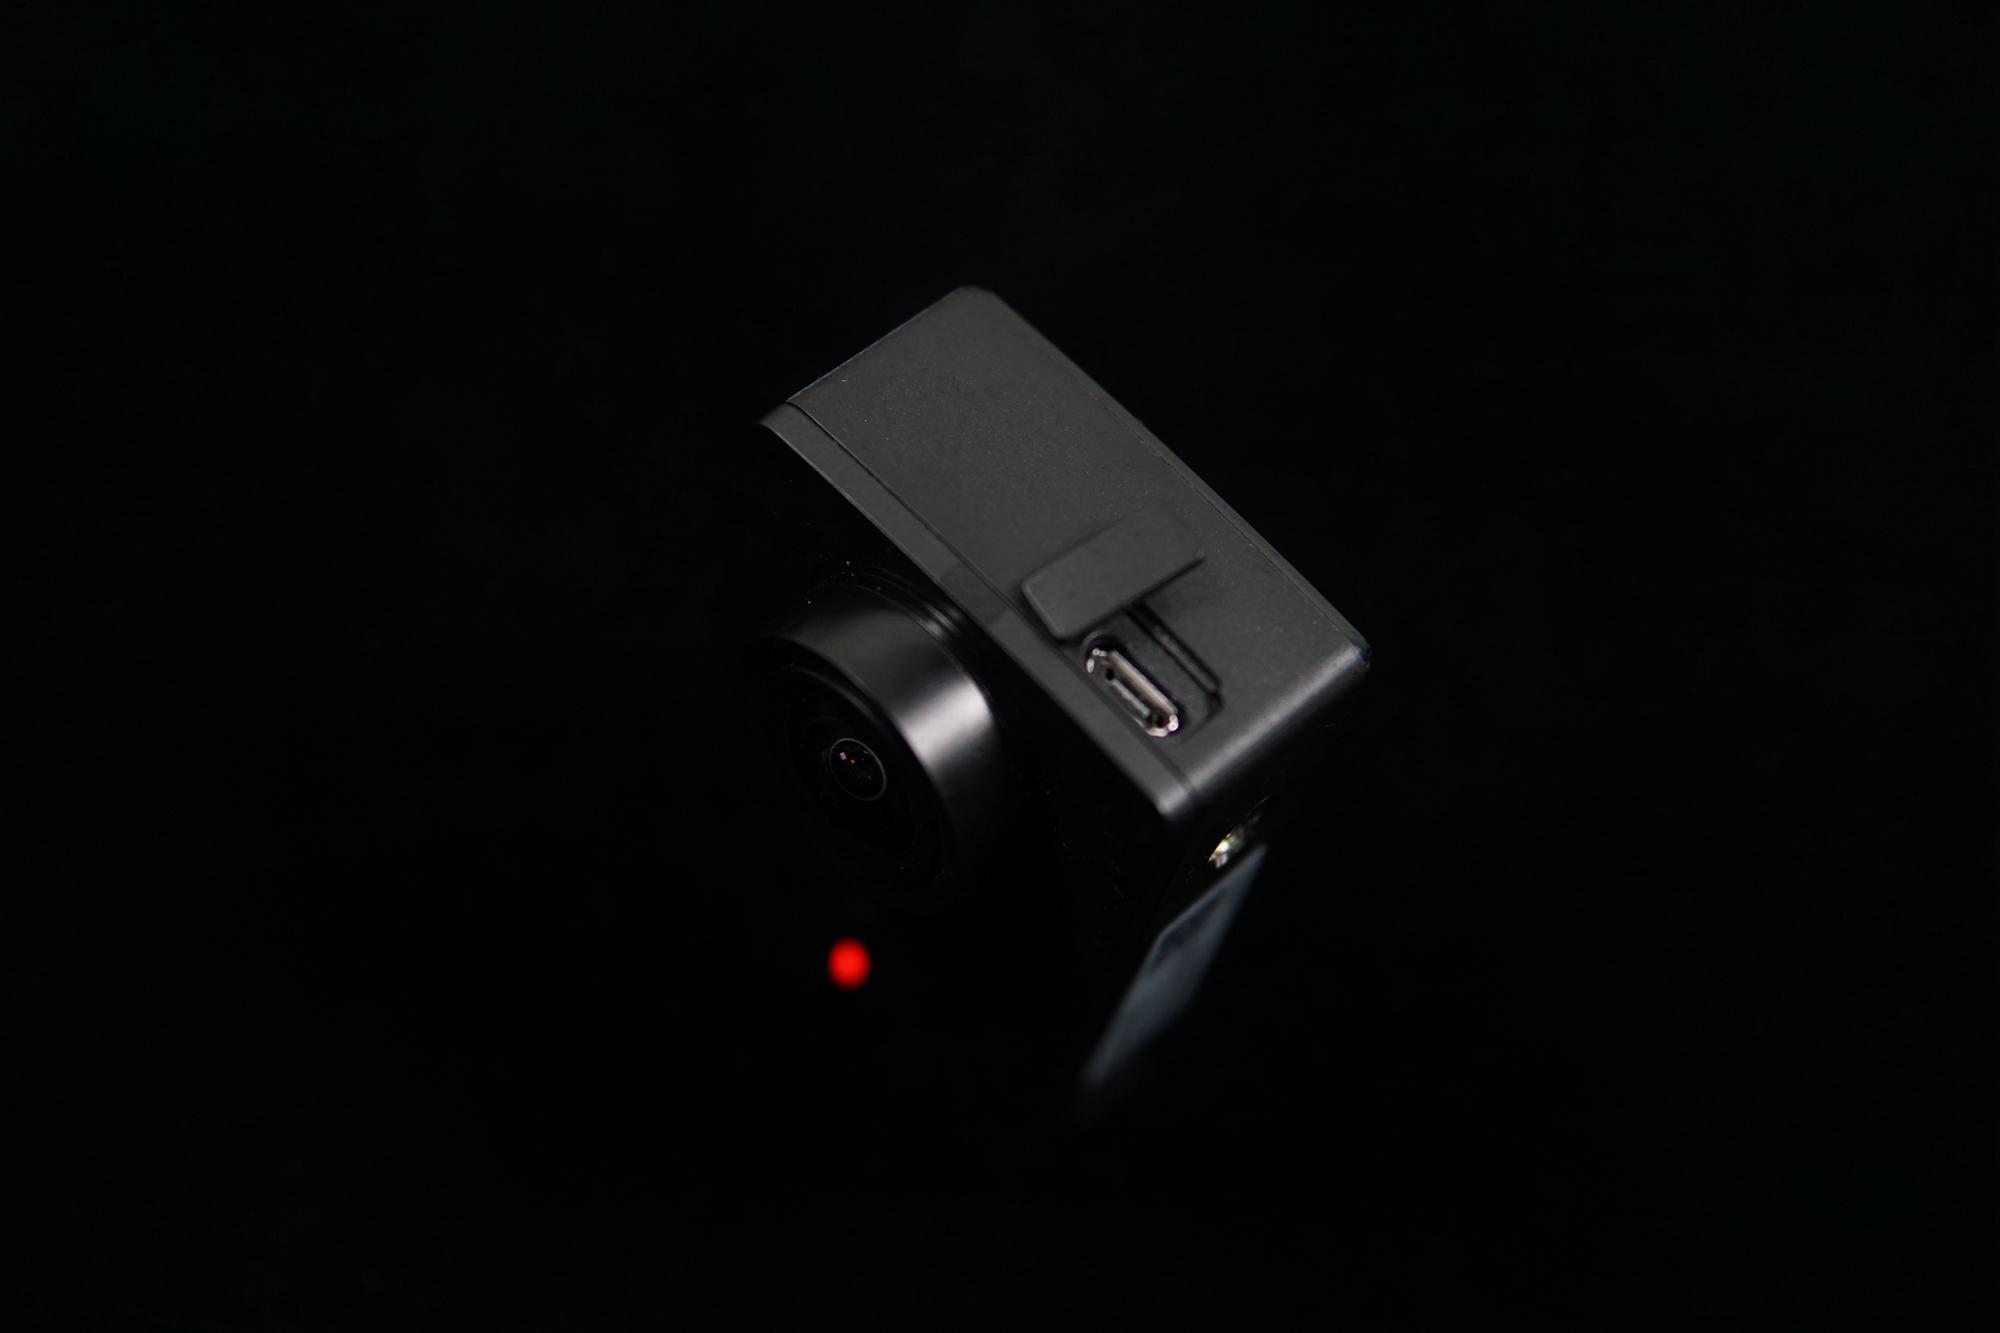 小蚁相机评测(低价耐用的小蚁相机使用体验)